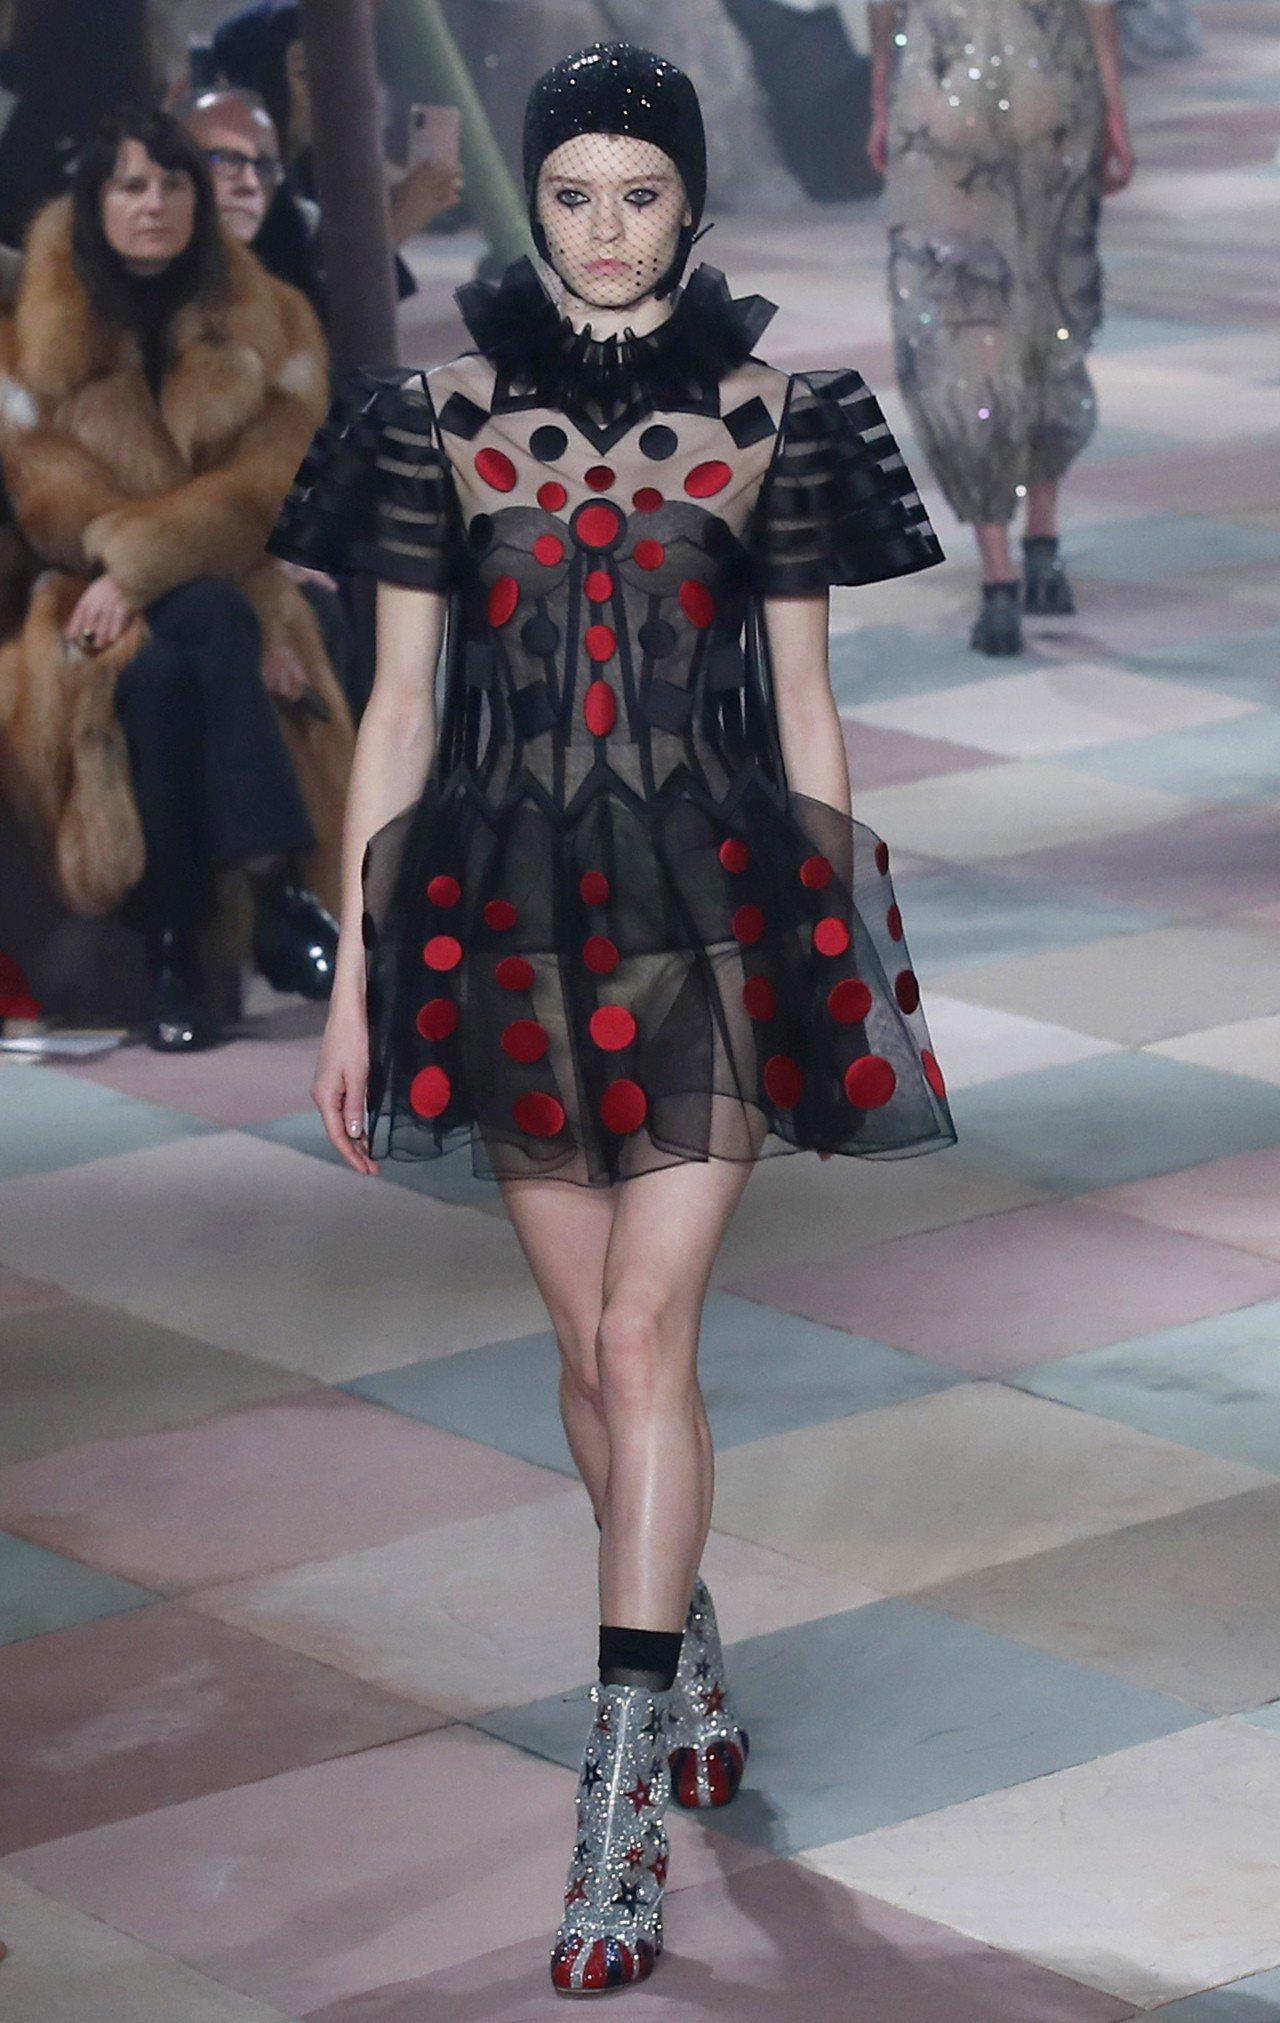 黑色紗質裙裝呈現了立體狀,搭配紅色圓點的錦緞點綴,加上銀色亮片星型圖案踝靴。圖/...